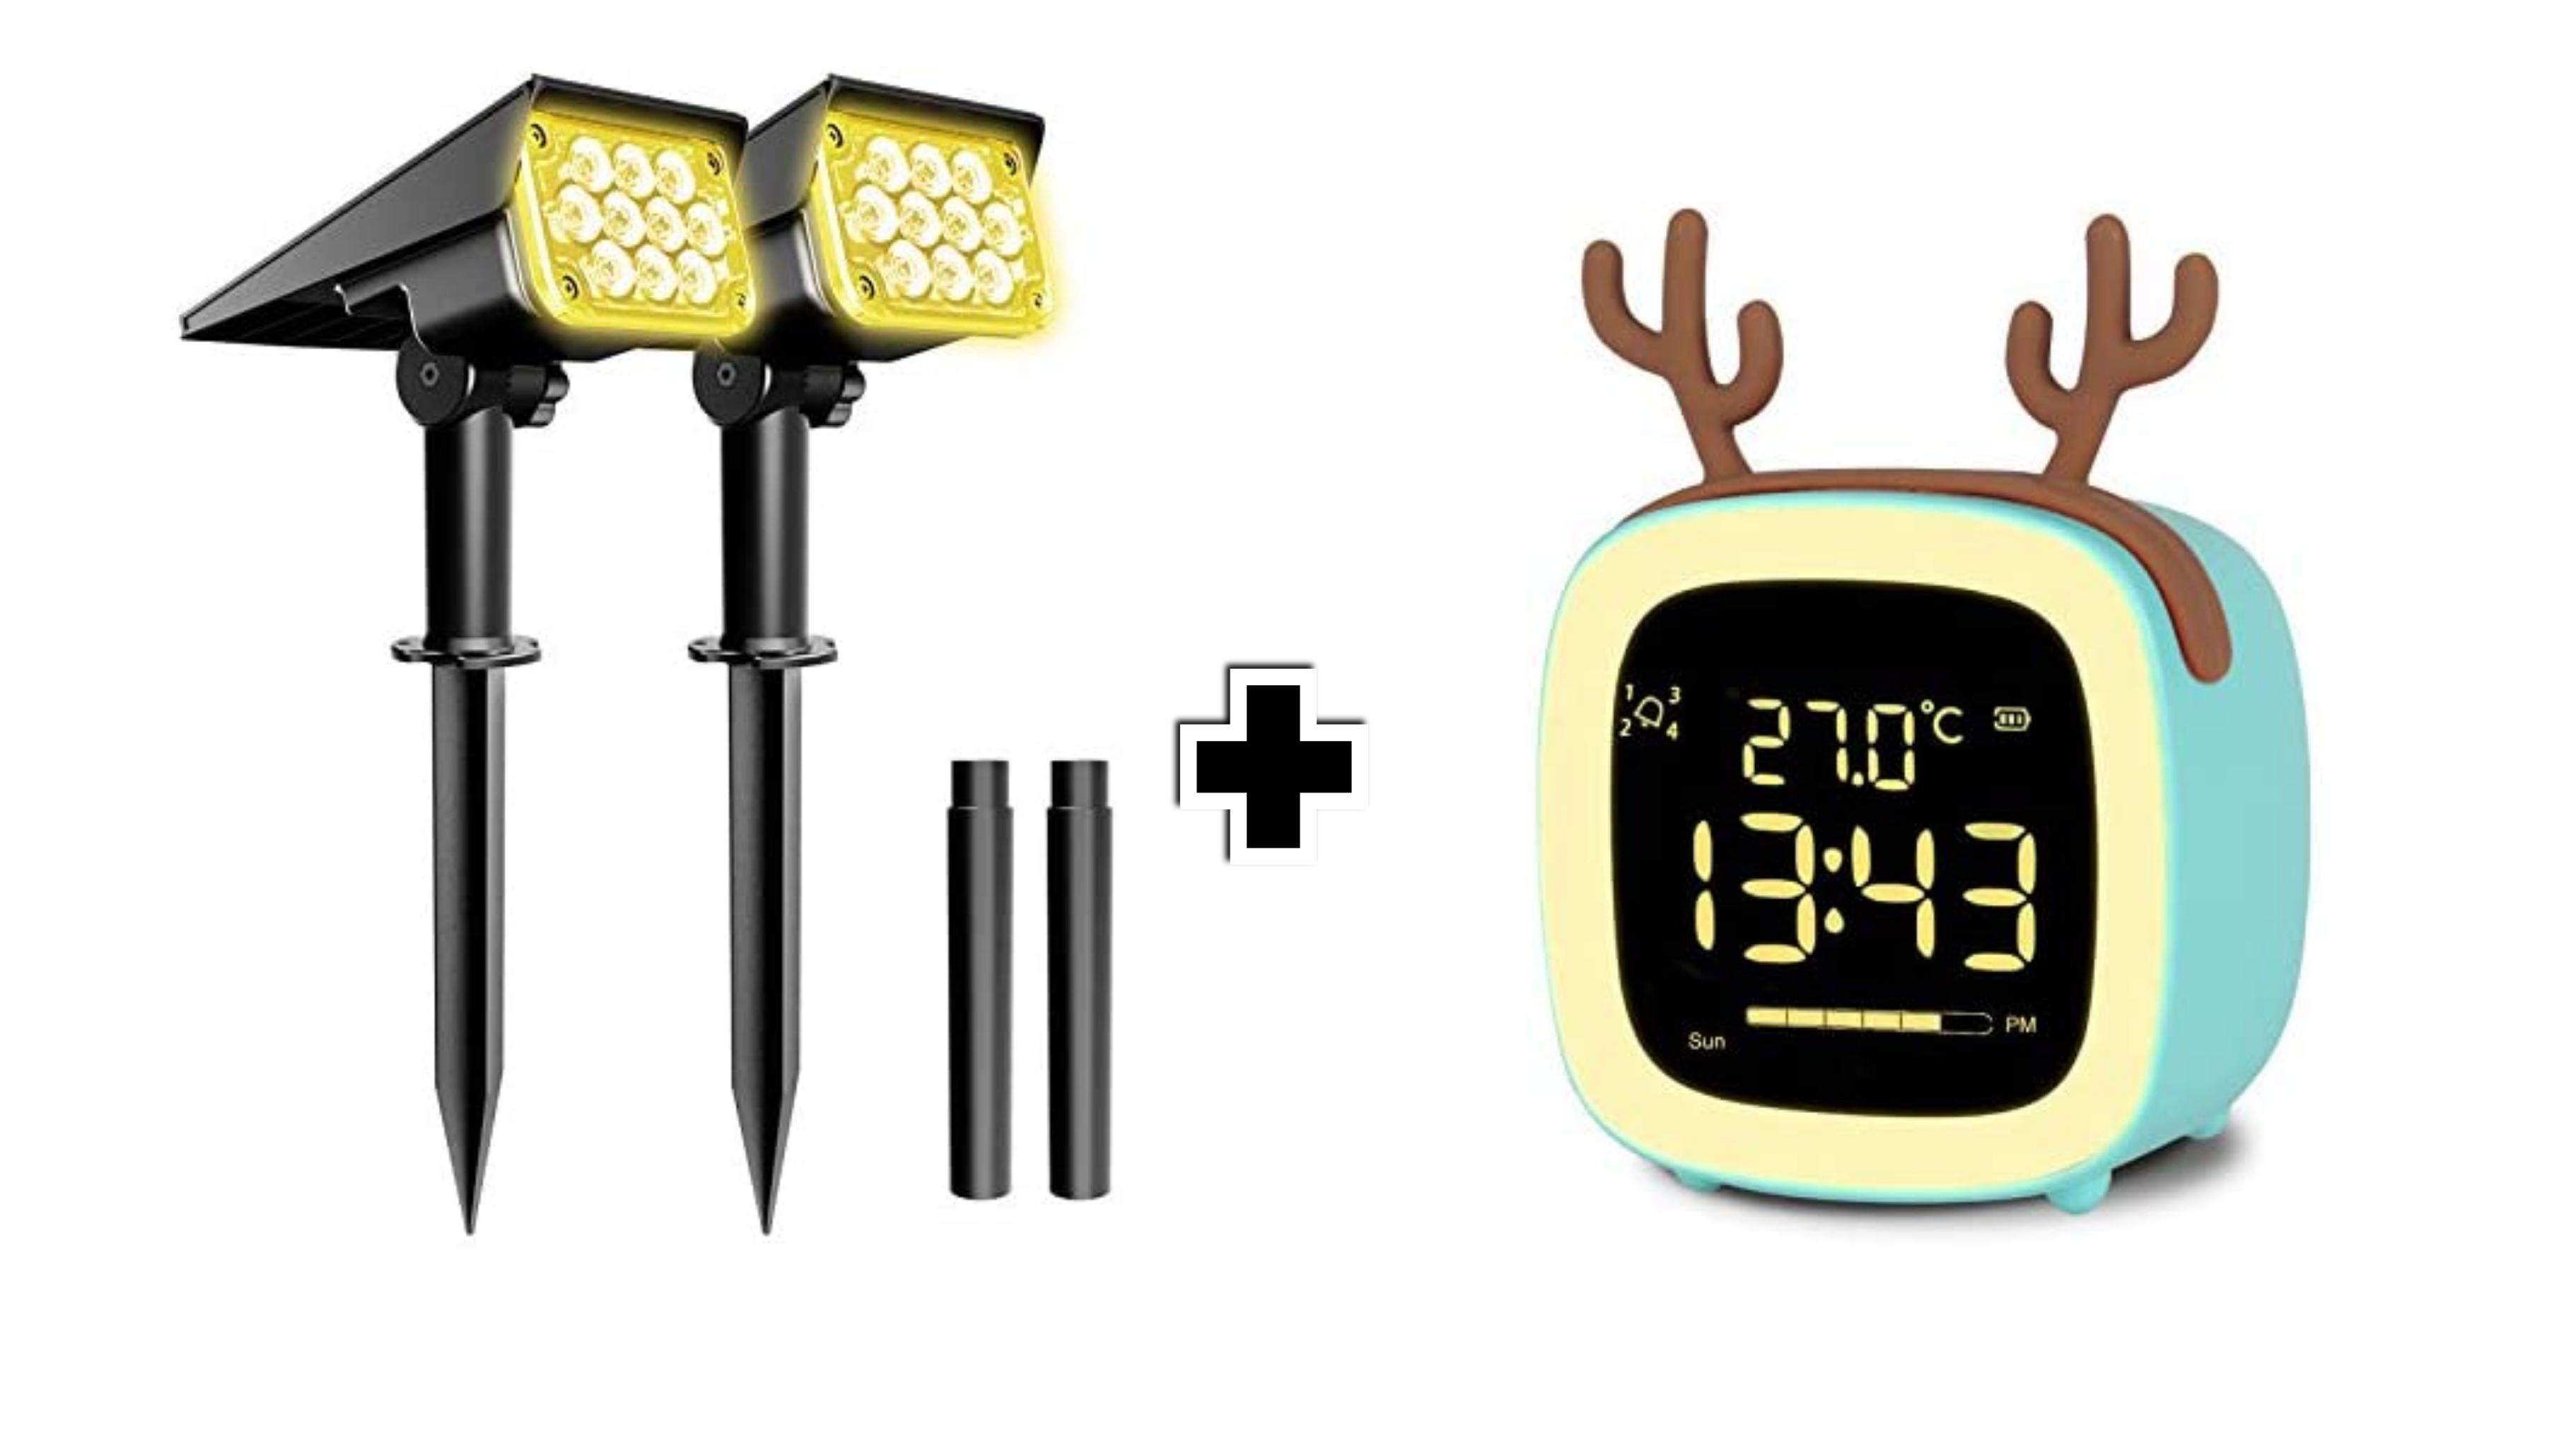 2x Faretti Solari da Esterno a 20 LED+ Sveglia digitale